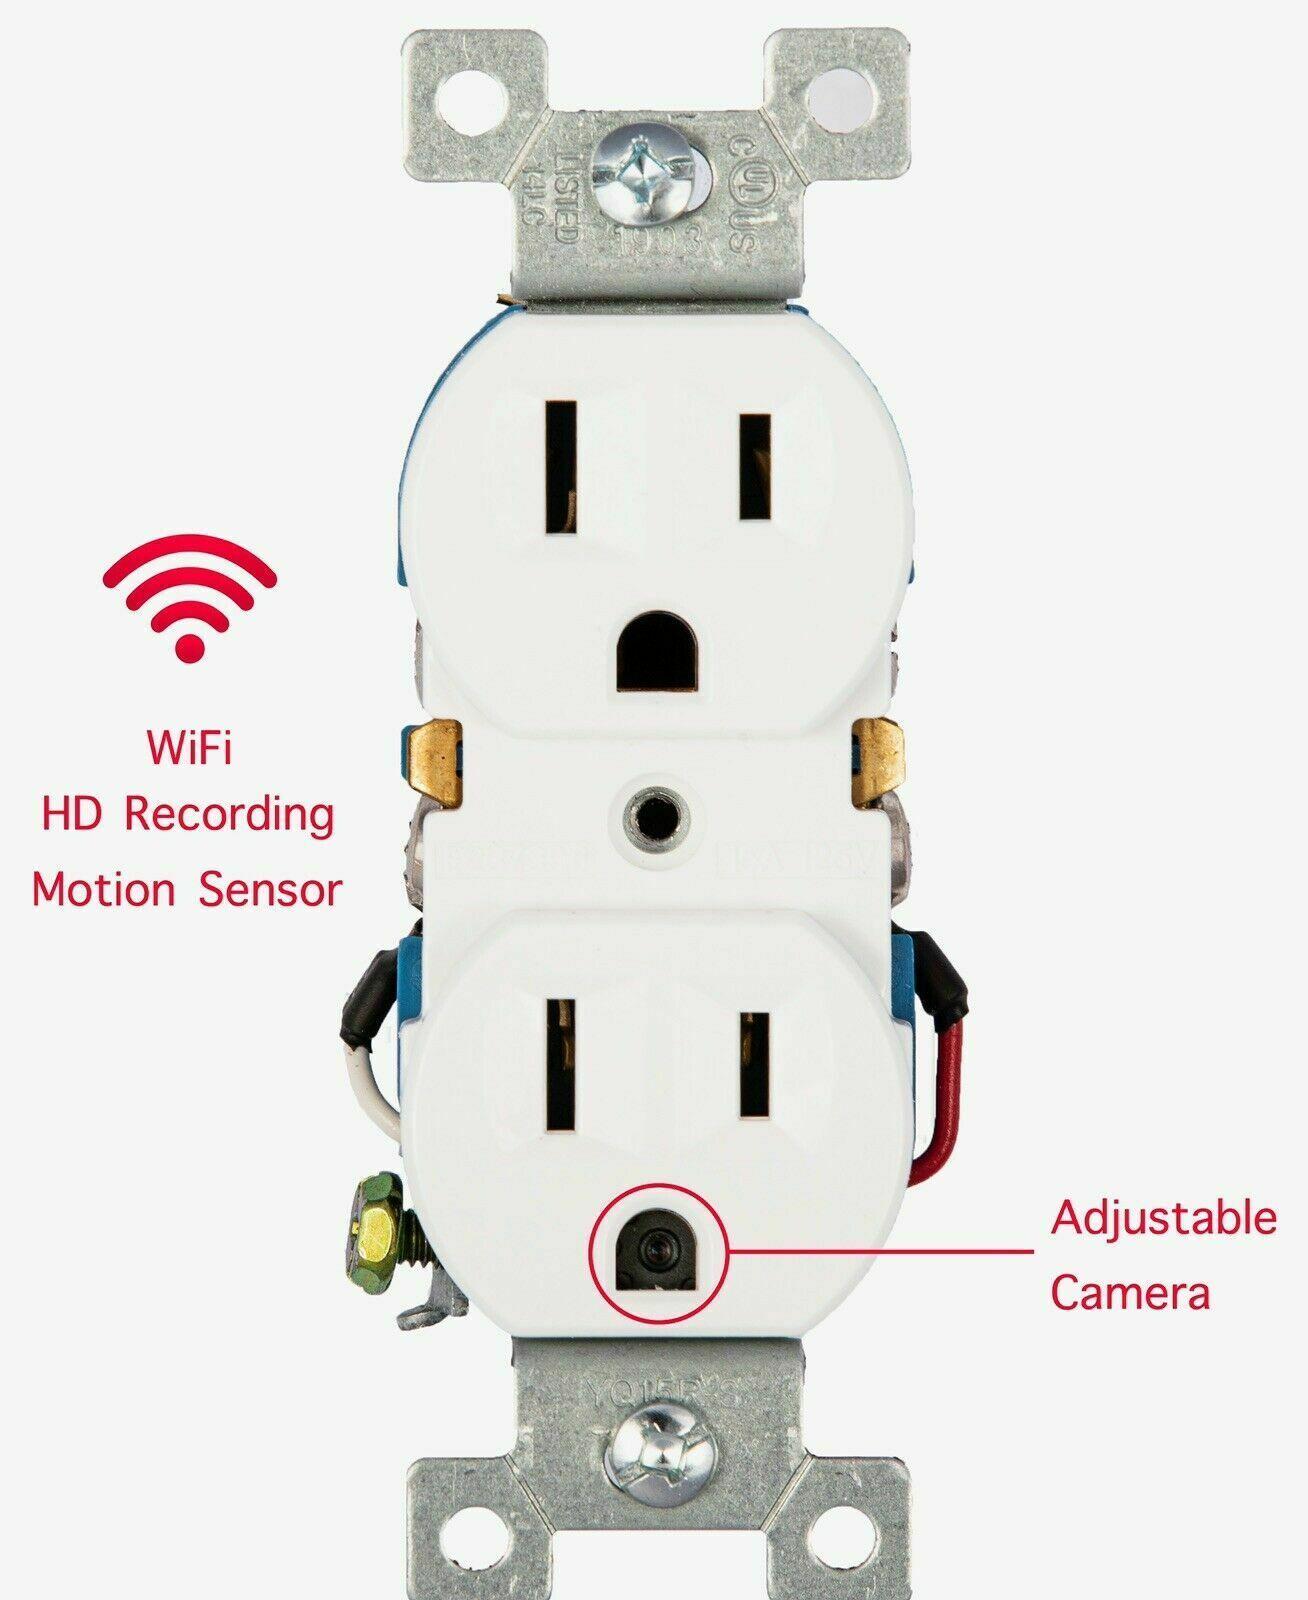 2020 NOUVEAU Socket mural AC chaud 1080P Caméra de surveillance vidéo sans fil Full HD, enregistreur vocal et vidéo